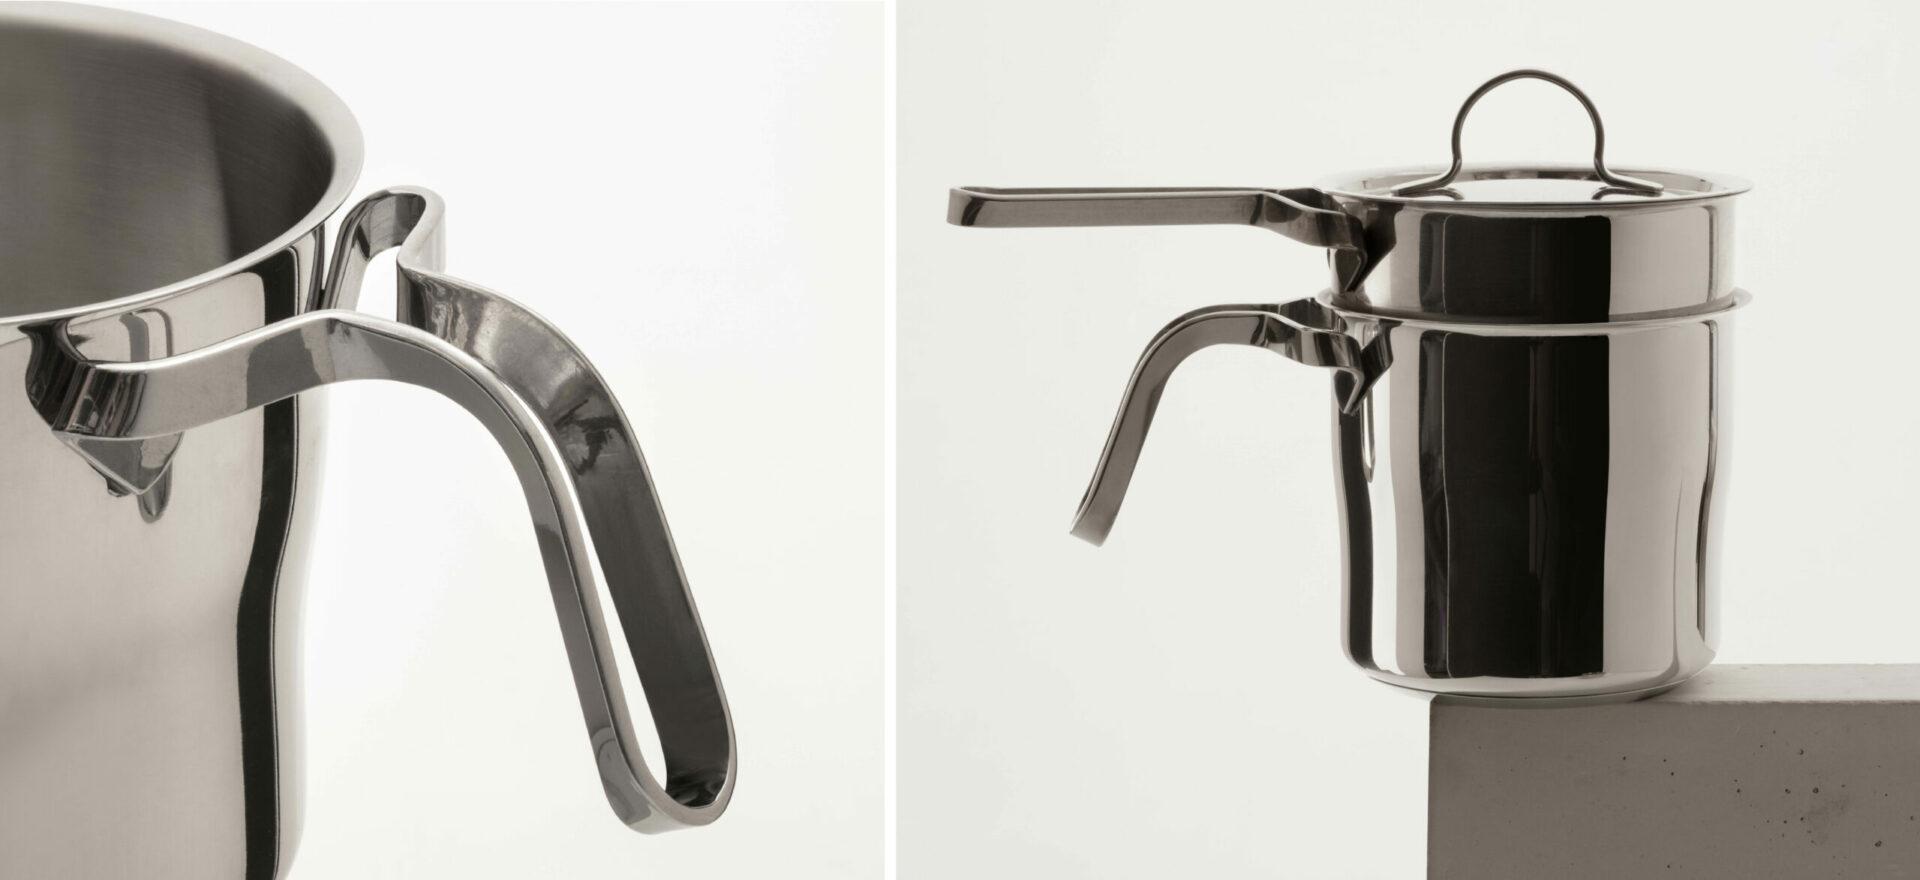 Product Design | Cookware | Coop Italia| Mario Trimarchi Design | Fragile | Ph Santi Caleca